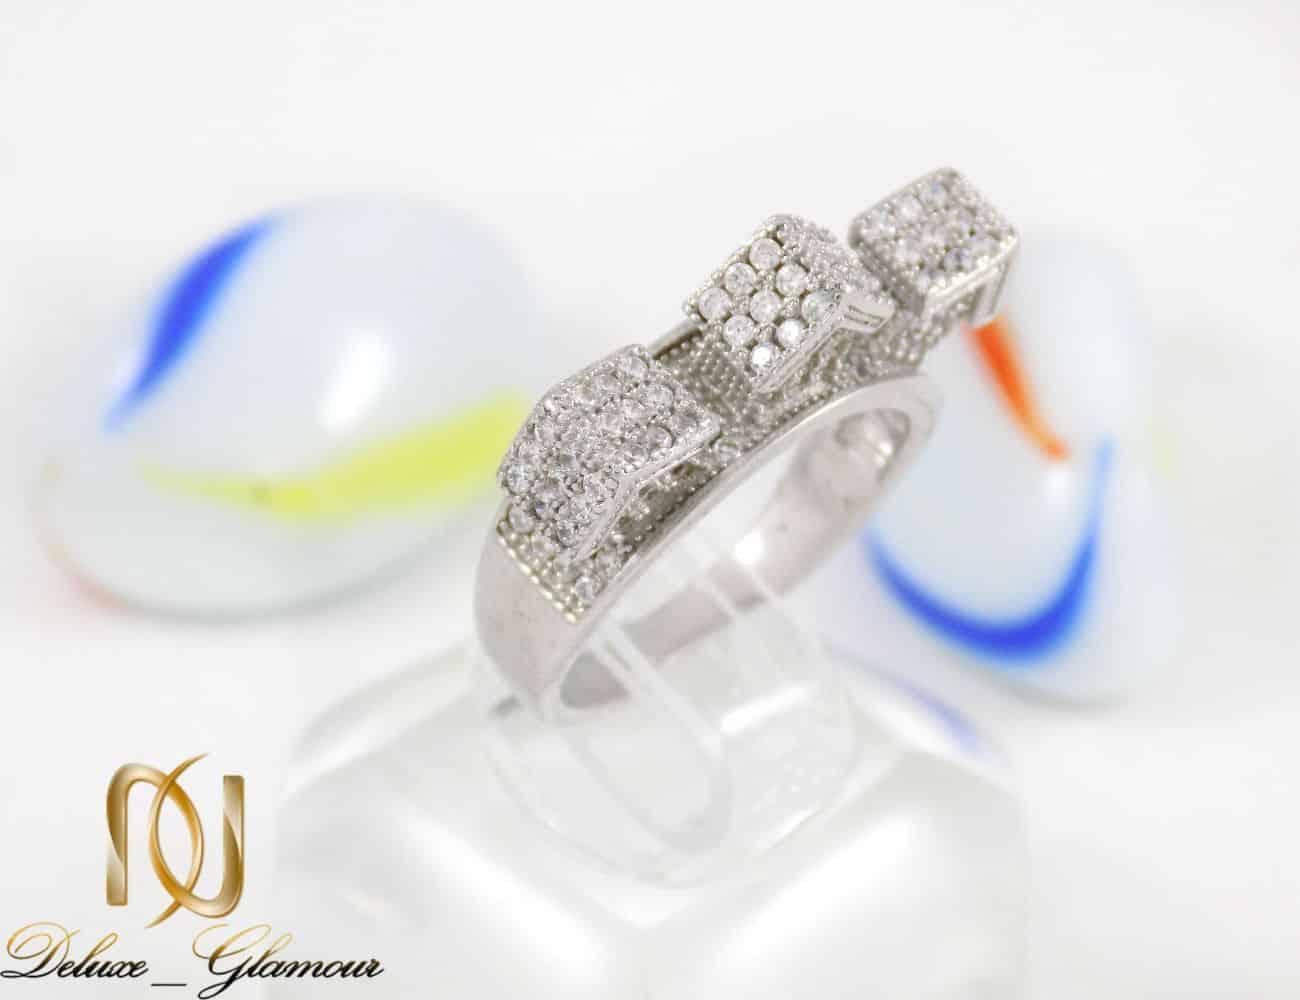 انگشتر نقره زنانه طرح میکرو خانه ای با نگین های سفید زیرکونیا dl-a109 از نمای نزدیک